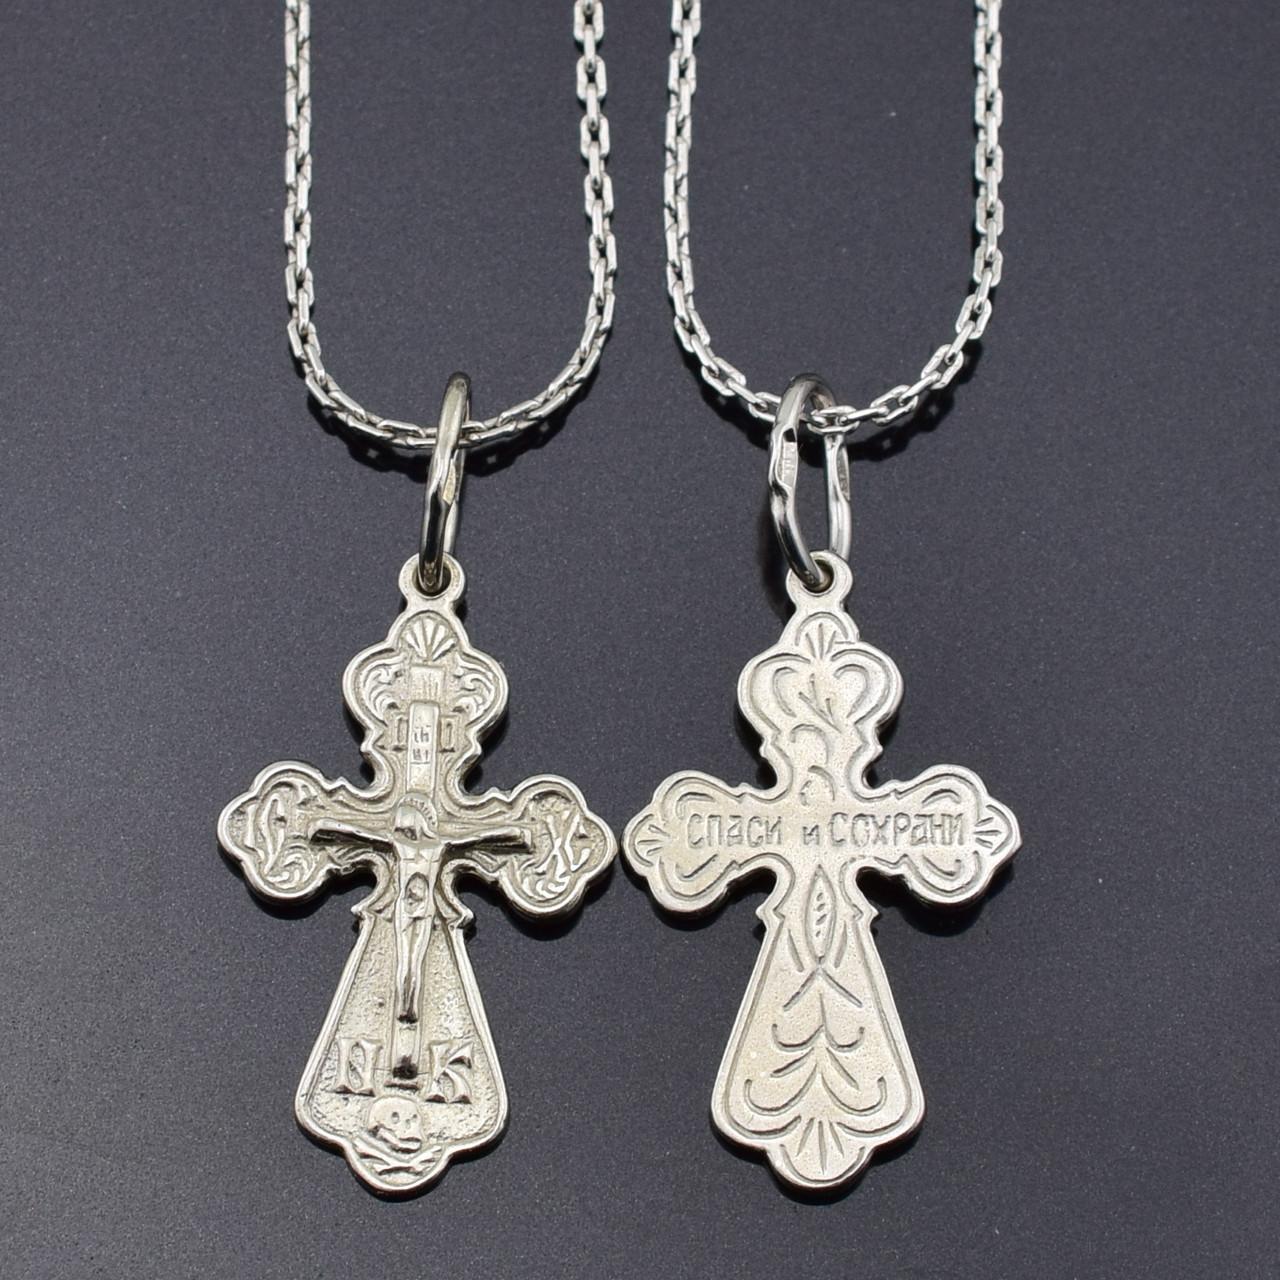 Серебряный набор, цепочка 45*0.1 см + крестик 3.1*1.5 см, вес серебра 3.92 г